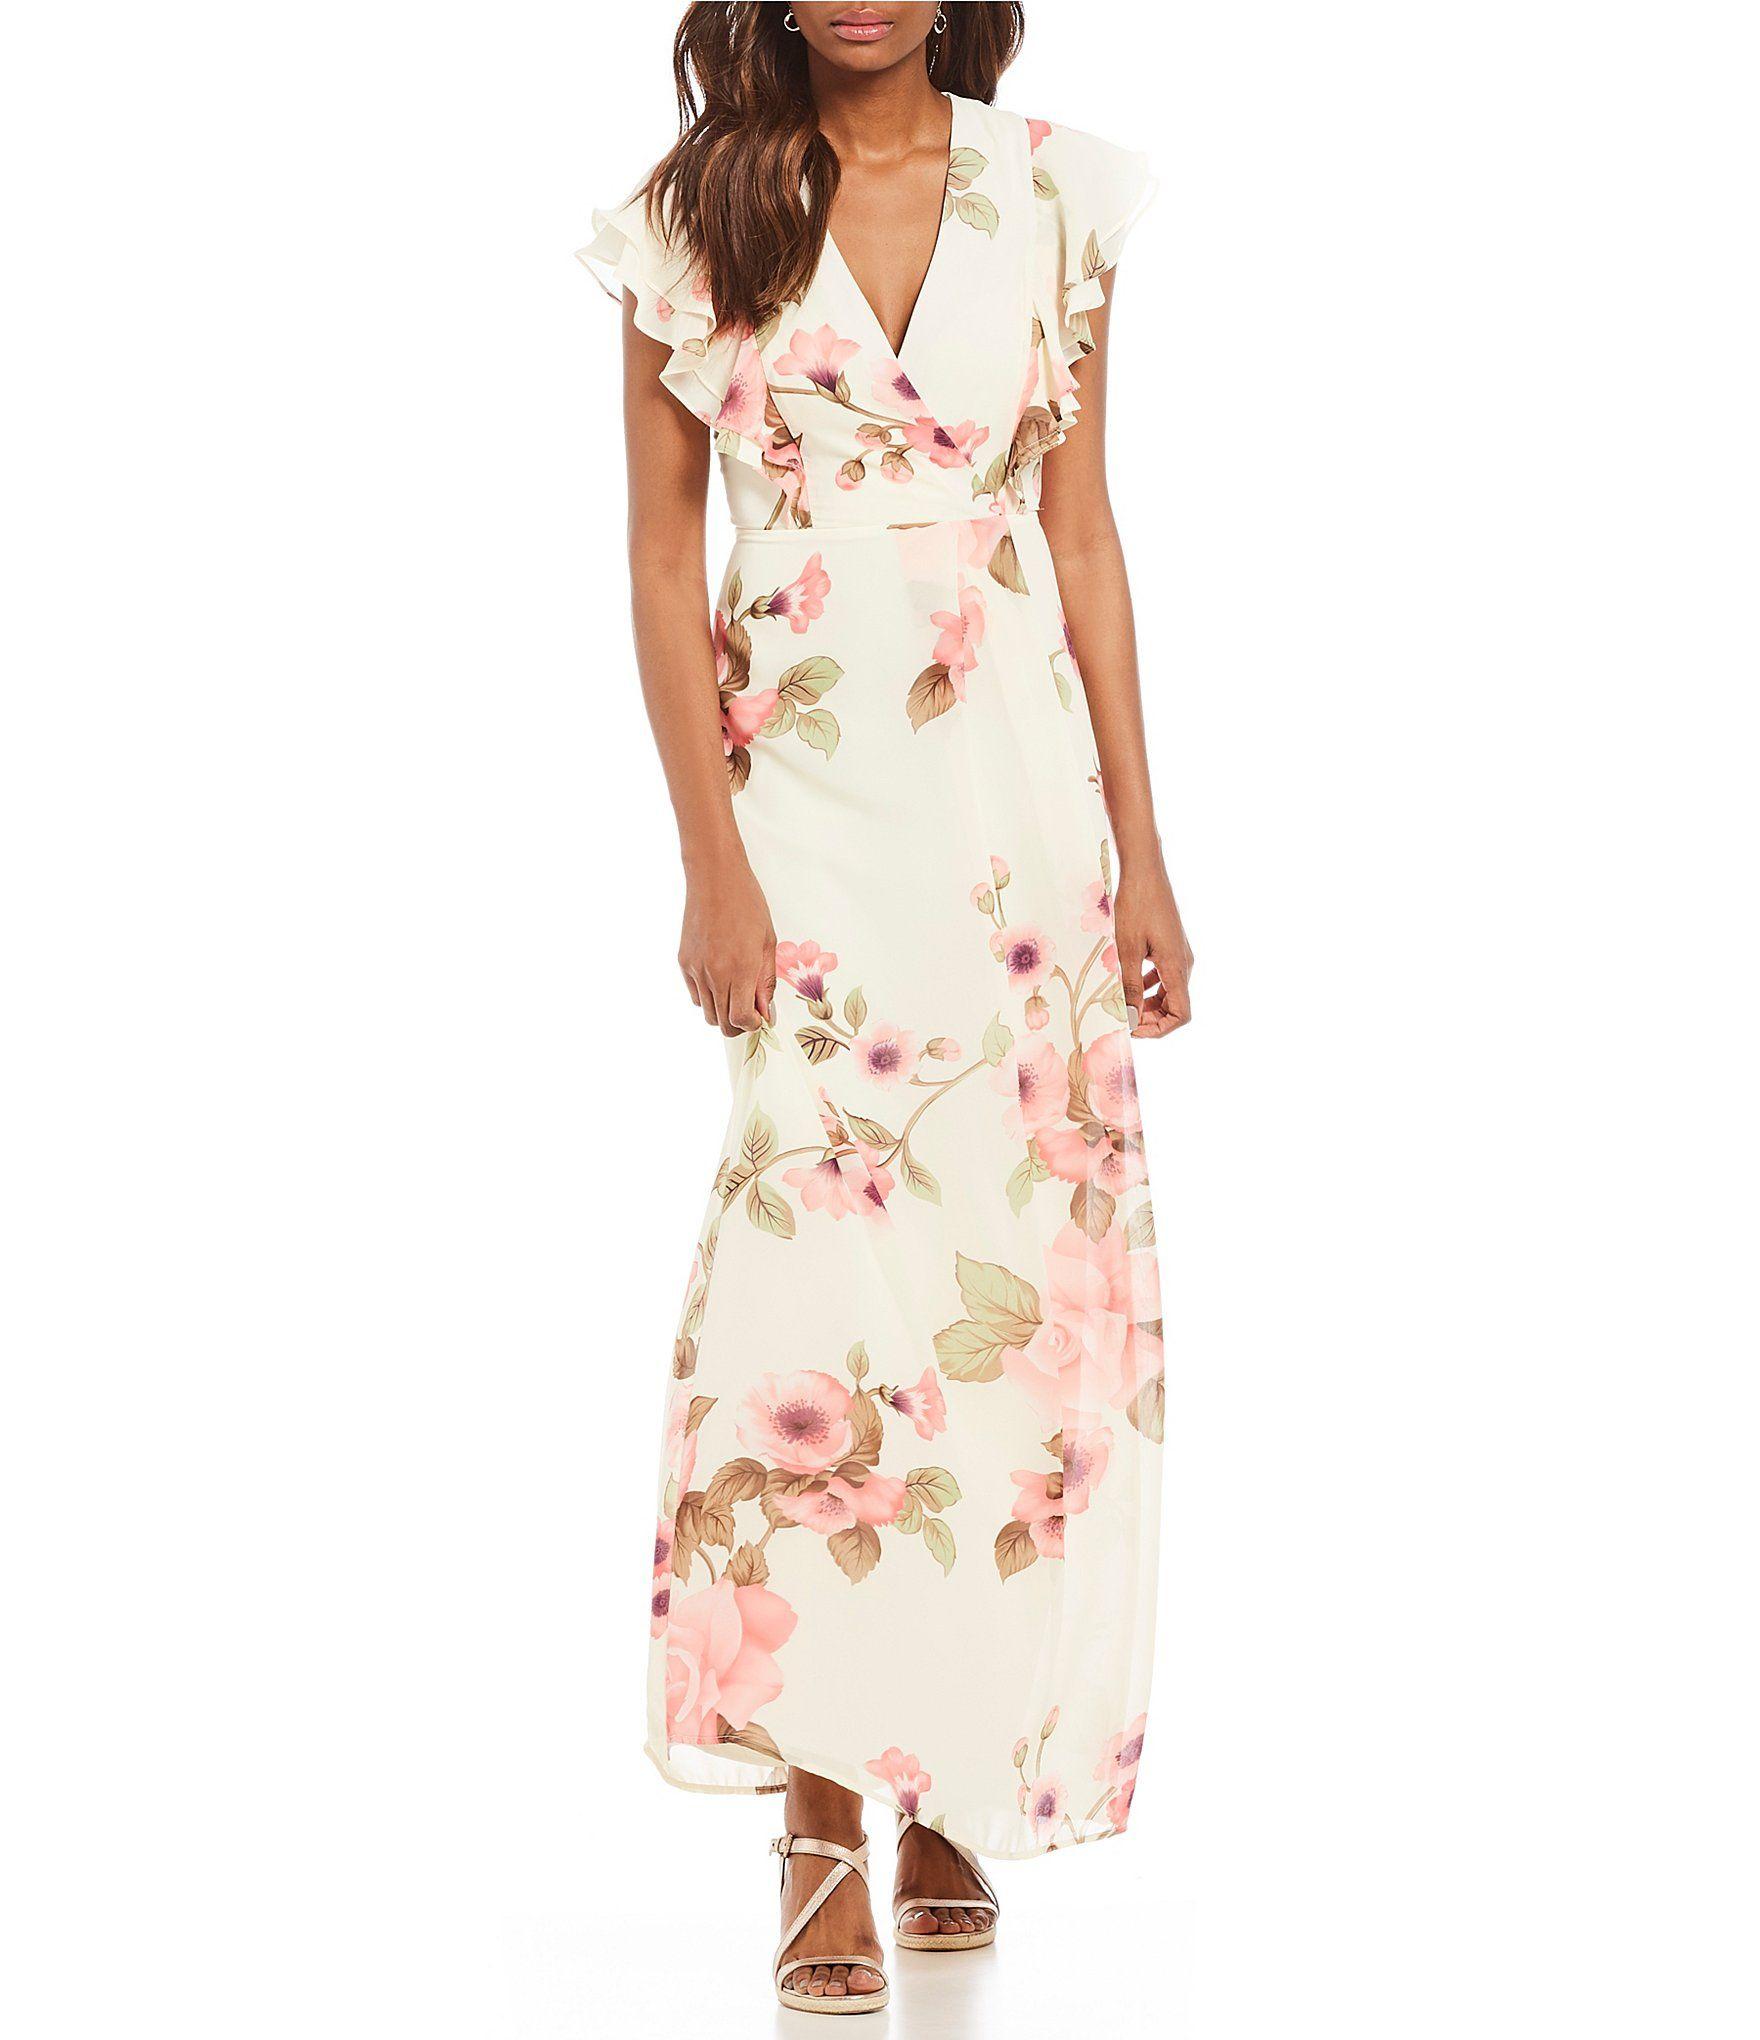 9160f224da9 Shop for Leslie Fay Flutter Sleeve Floral Print Maxi Dress at Dillards.com.  Visit Dillards.com to find clothing